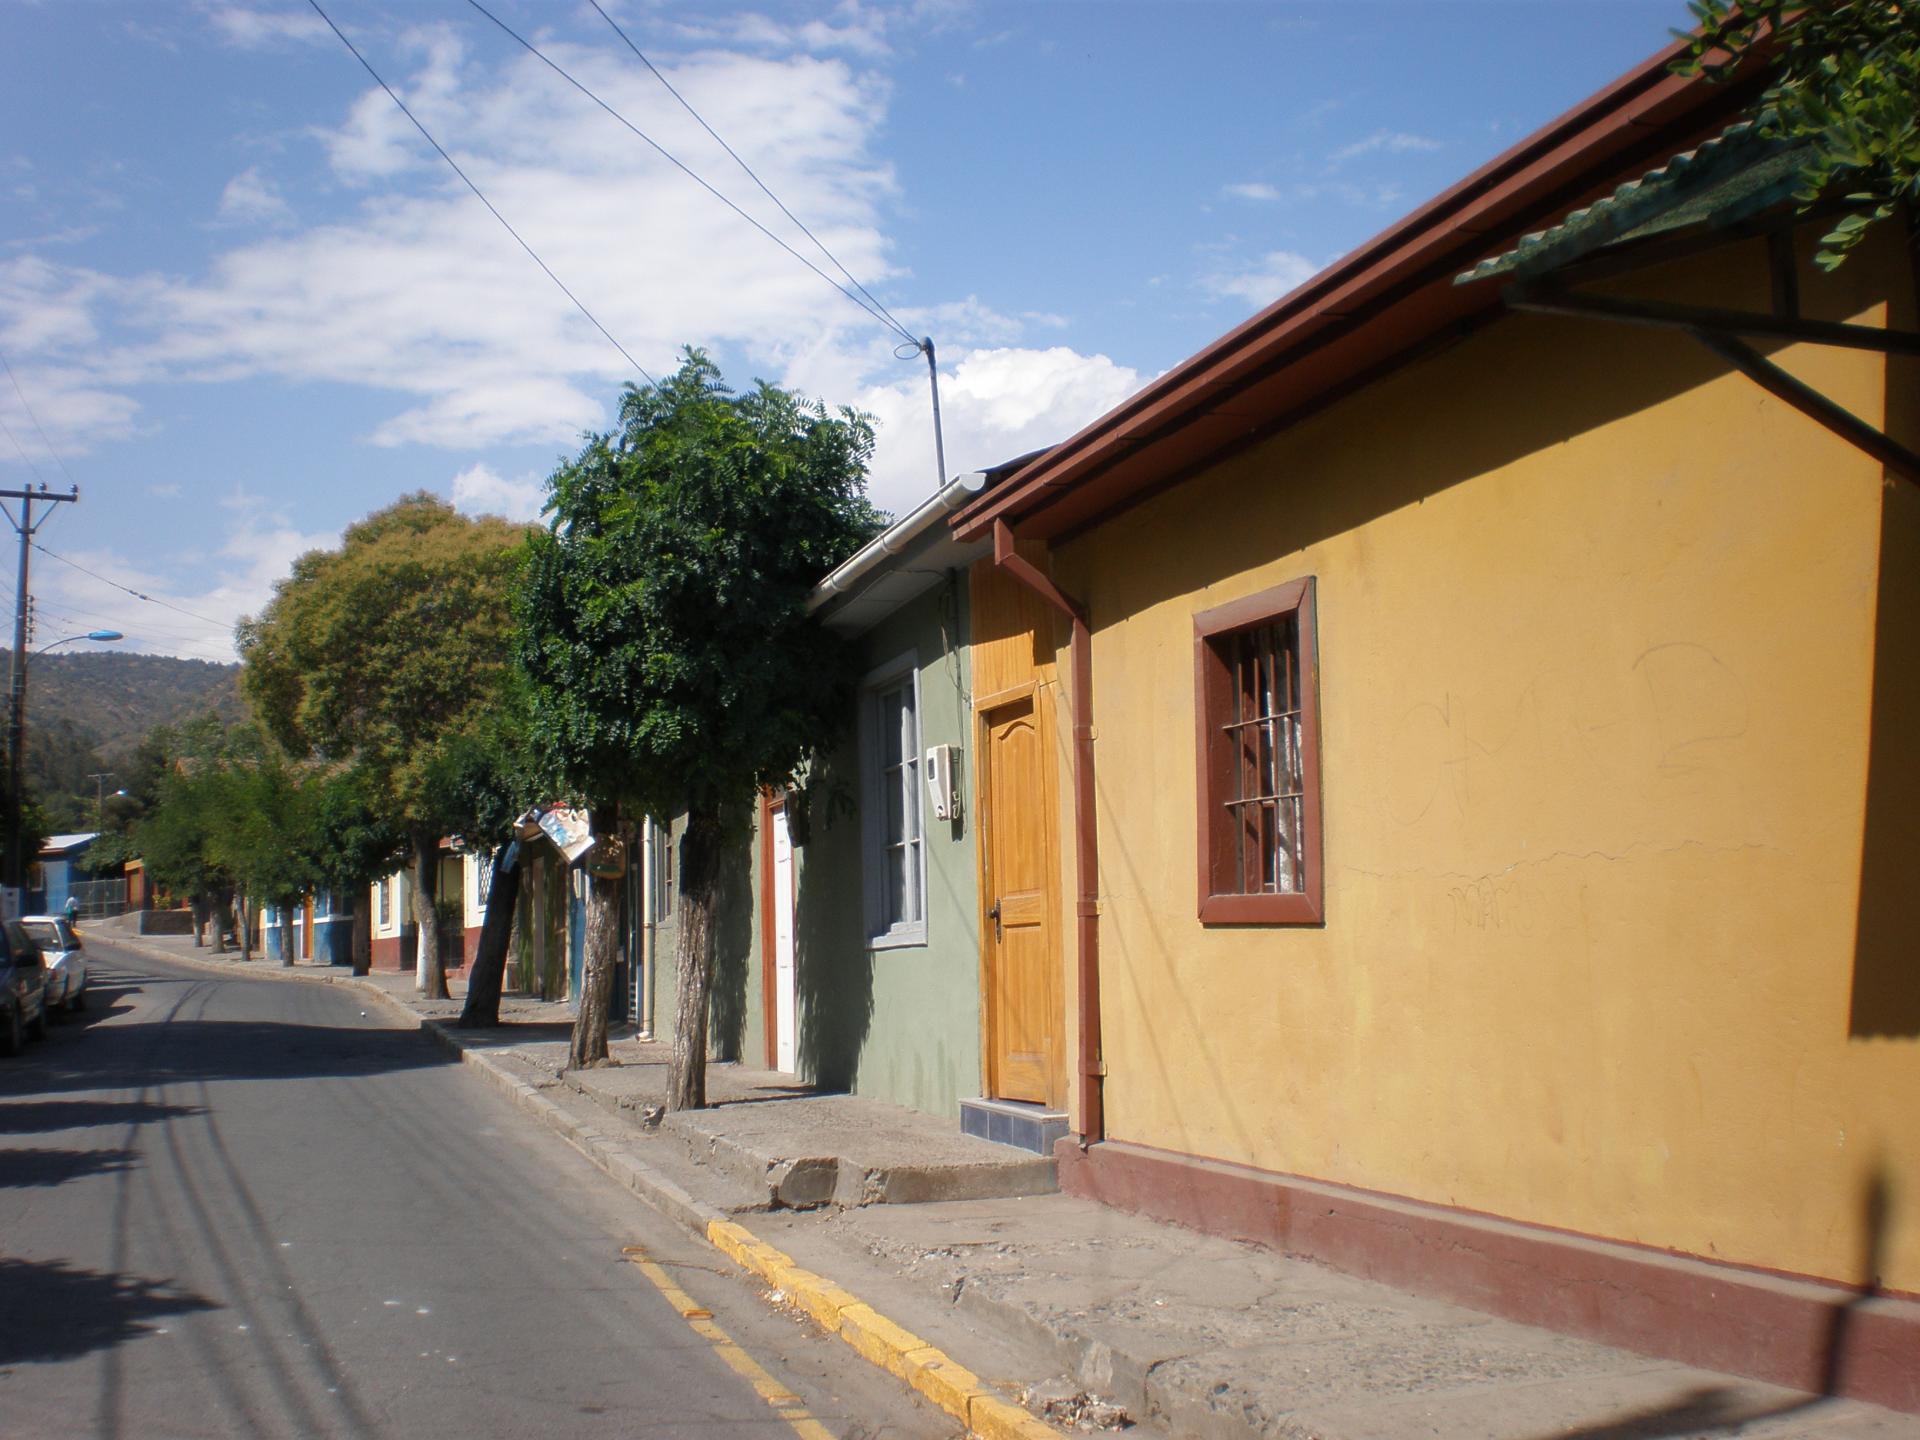 Maisons colorées de Coya